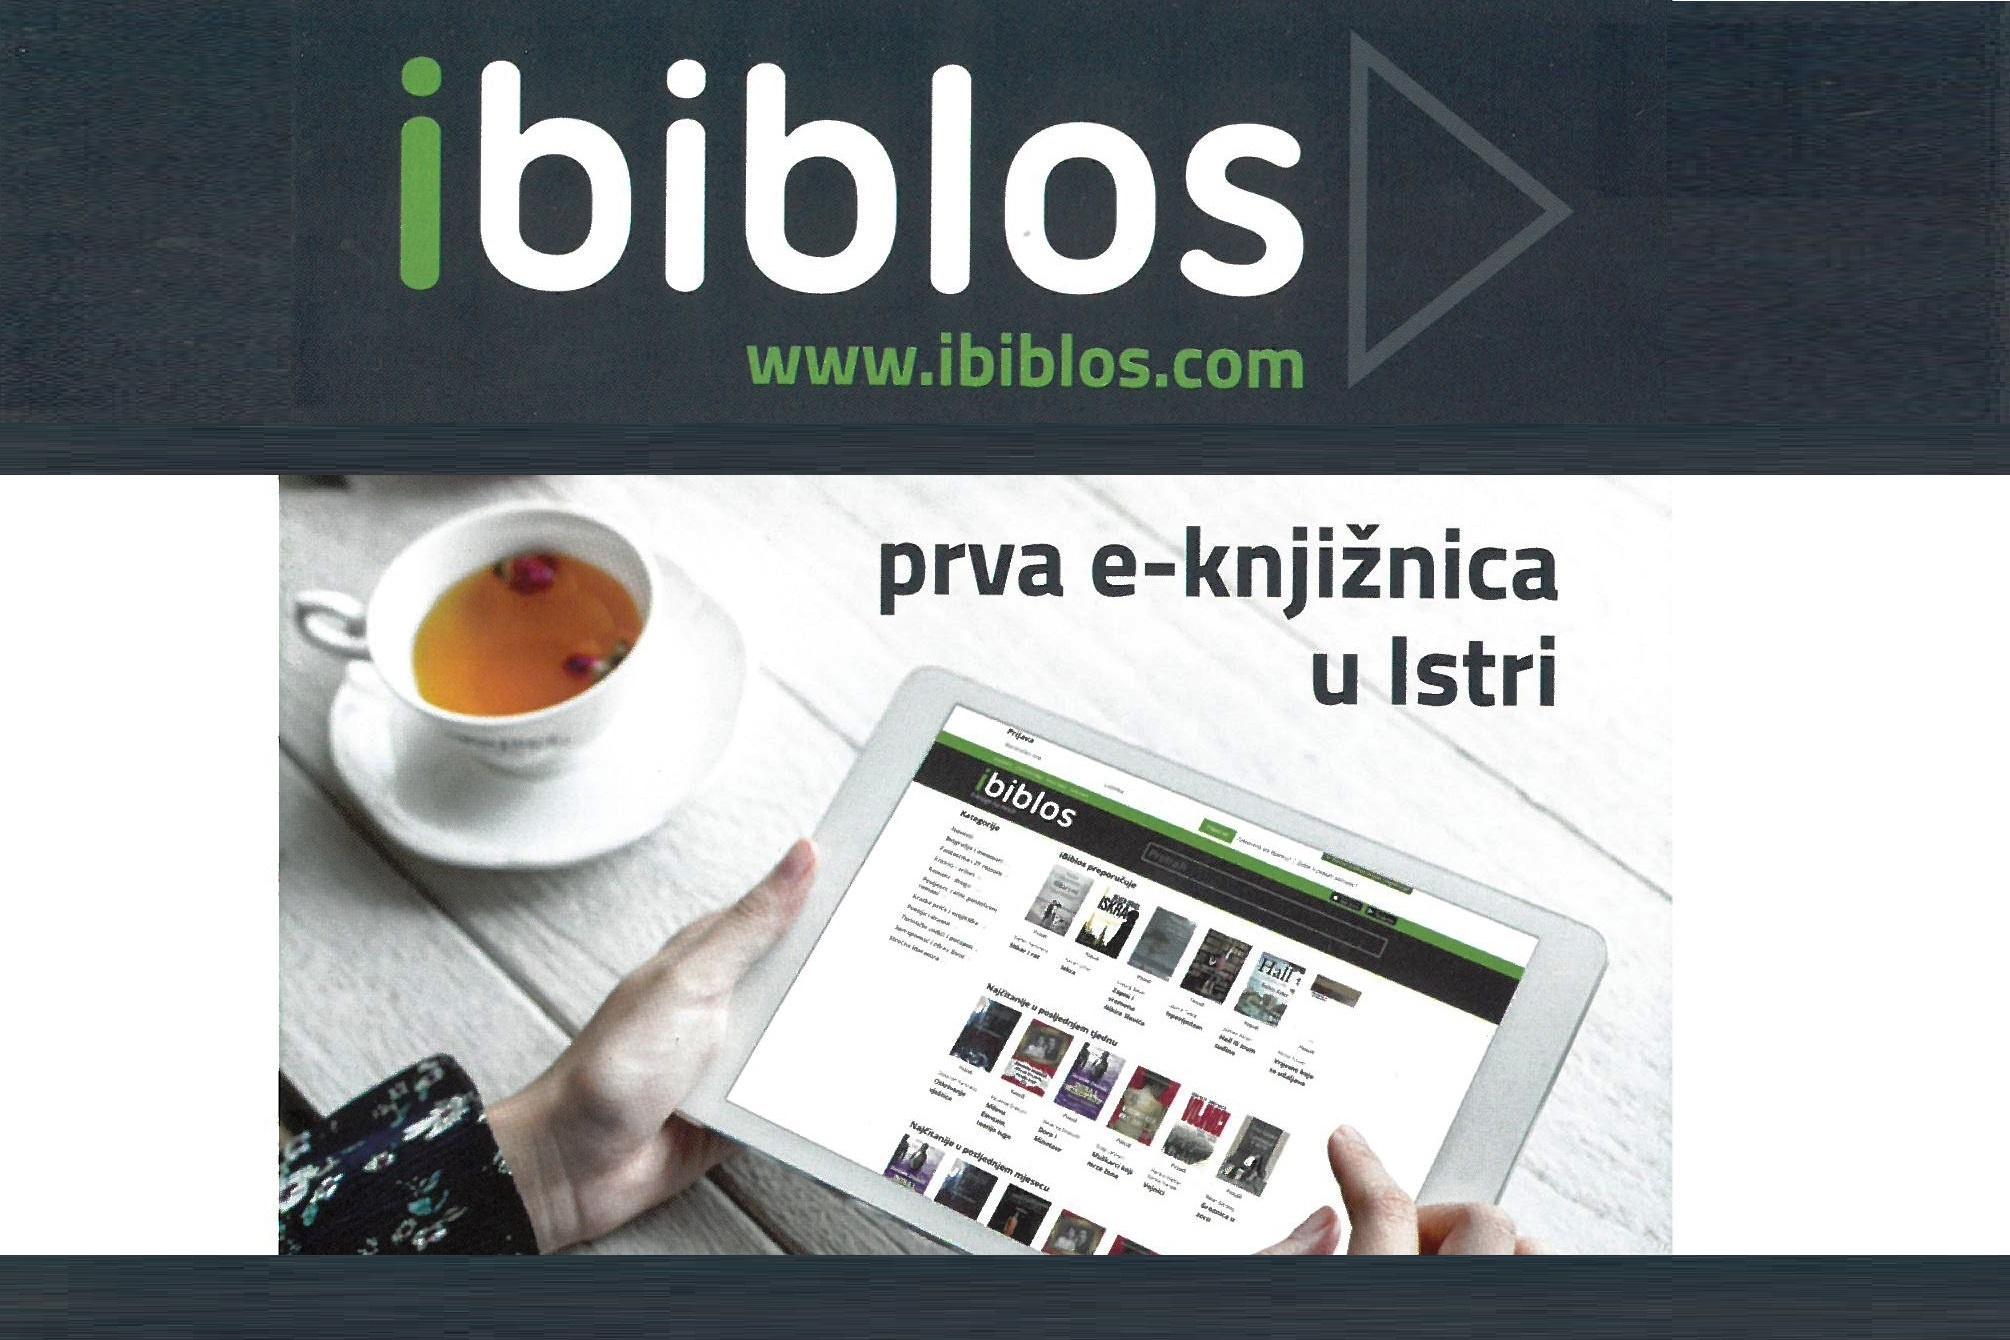 https://novigrad.hr/pristup_e_knjigama_omoguen_svim_zainteresiranim_graanima